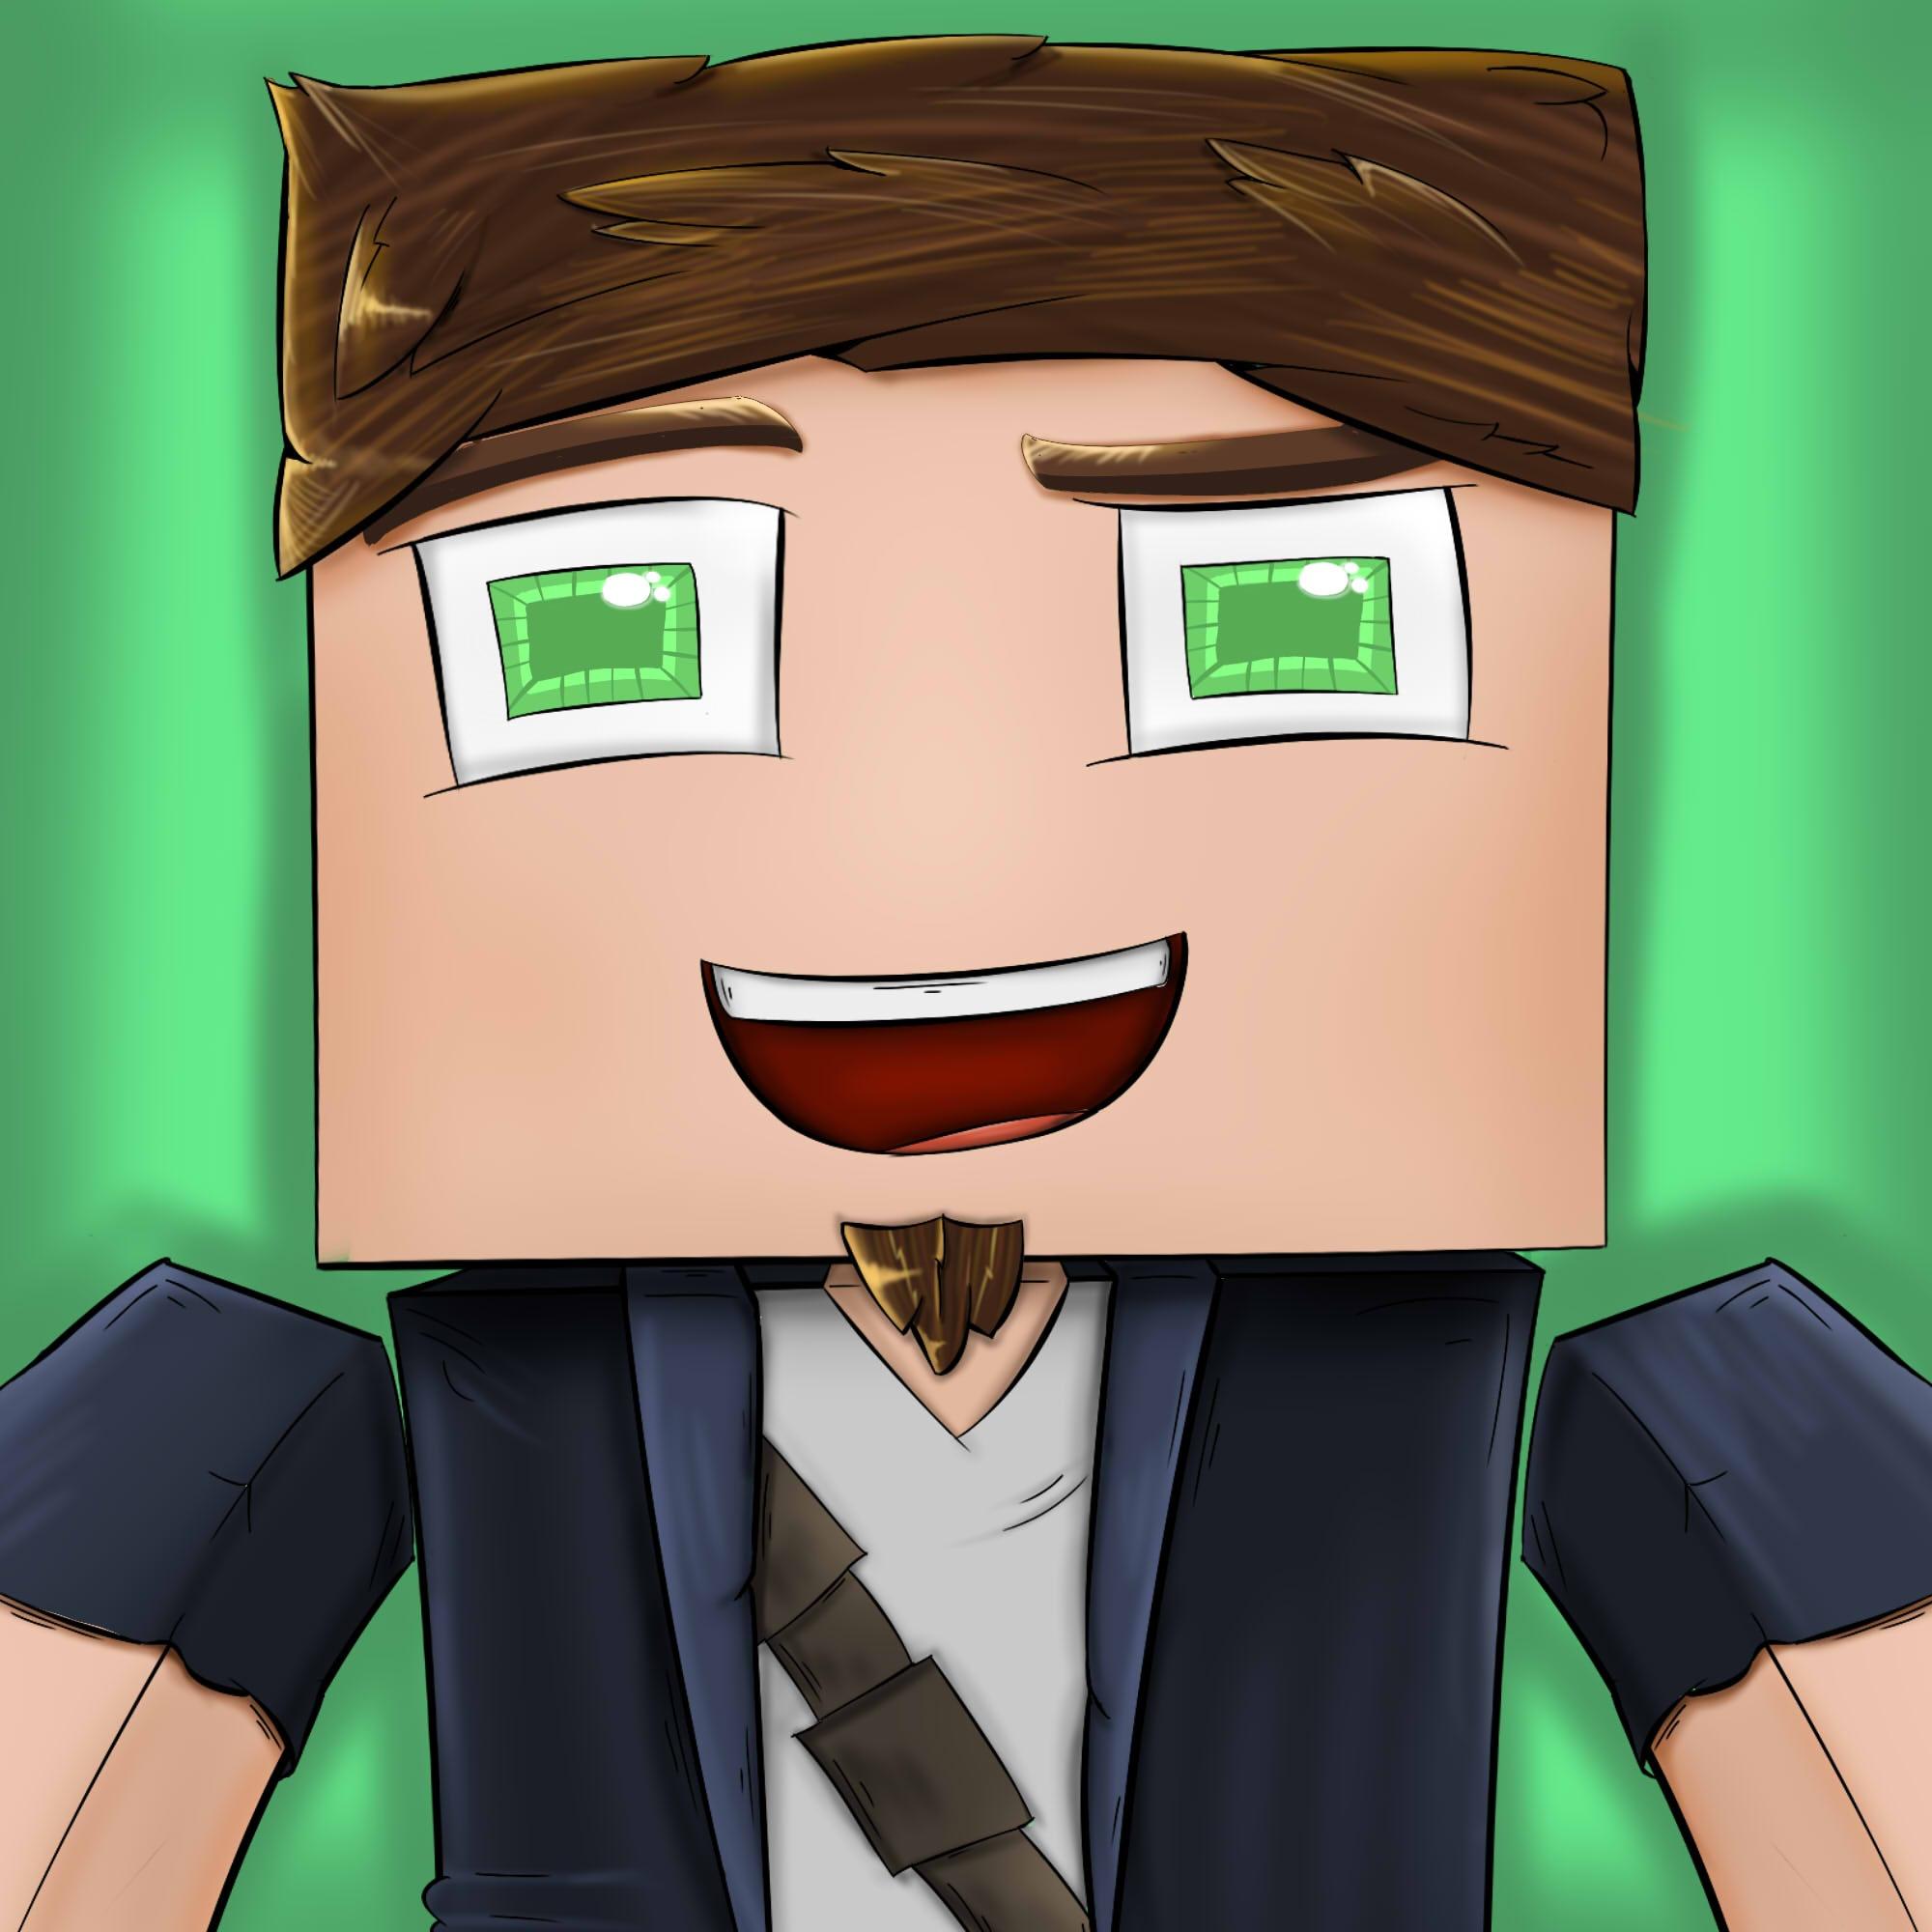 картинки майнкрафт на аватарку #2